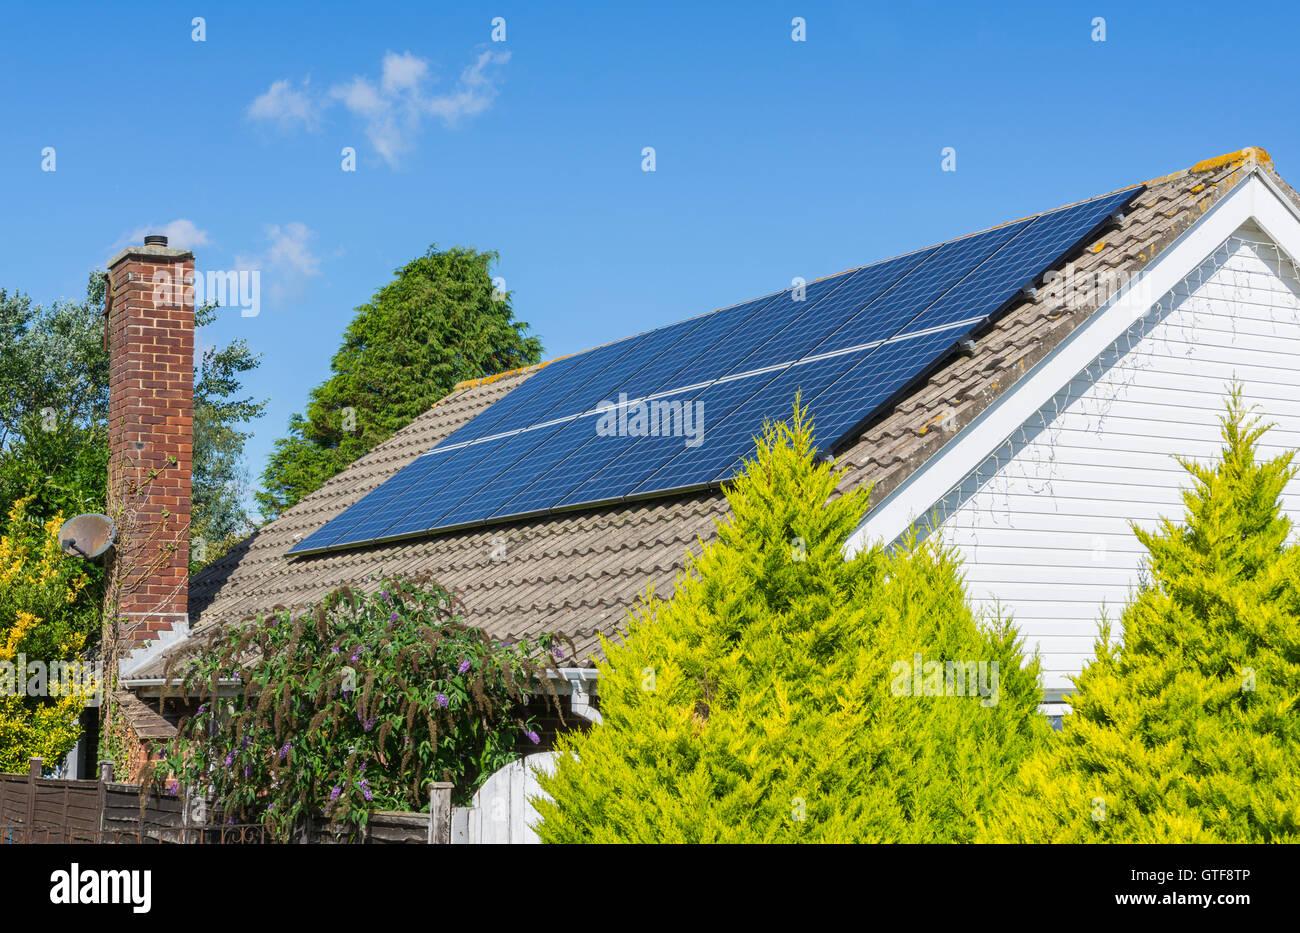 Sonnenkollektoren auf dem Dach eines Bungalows in Großbritannien. Stockbild